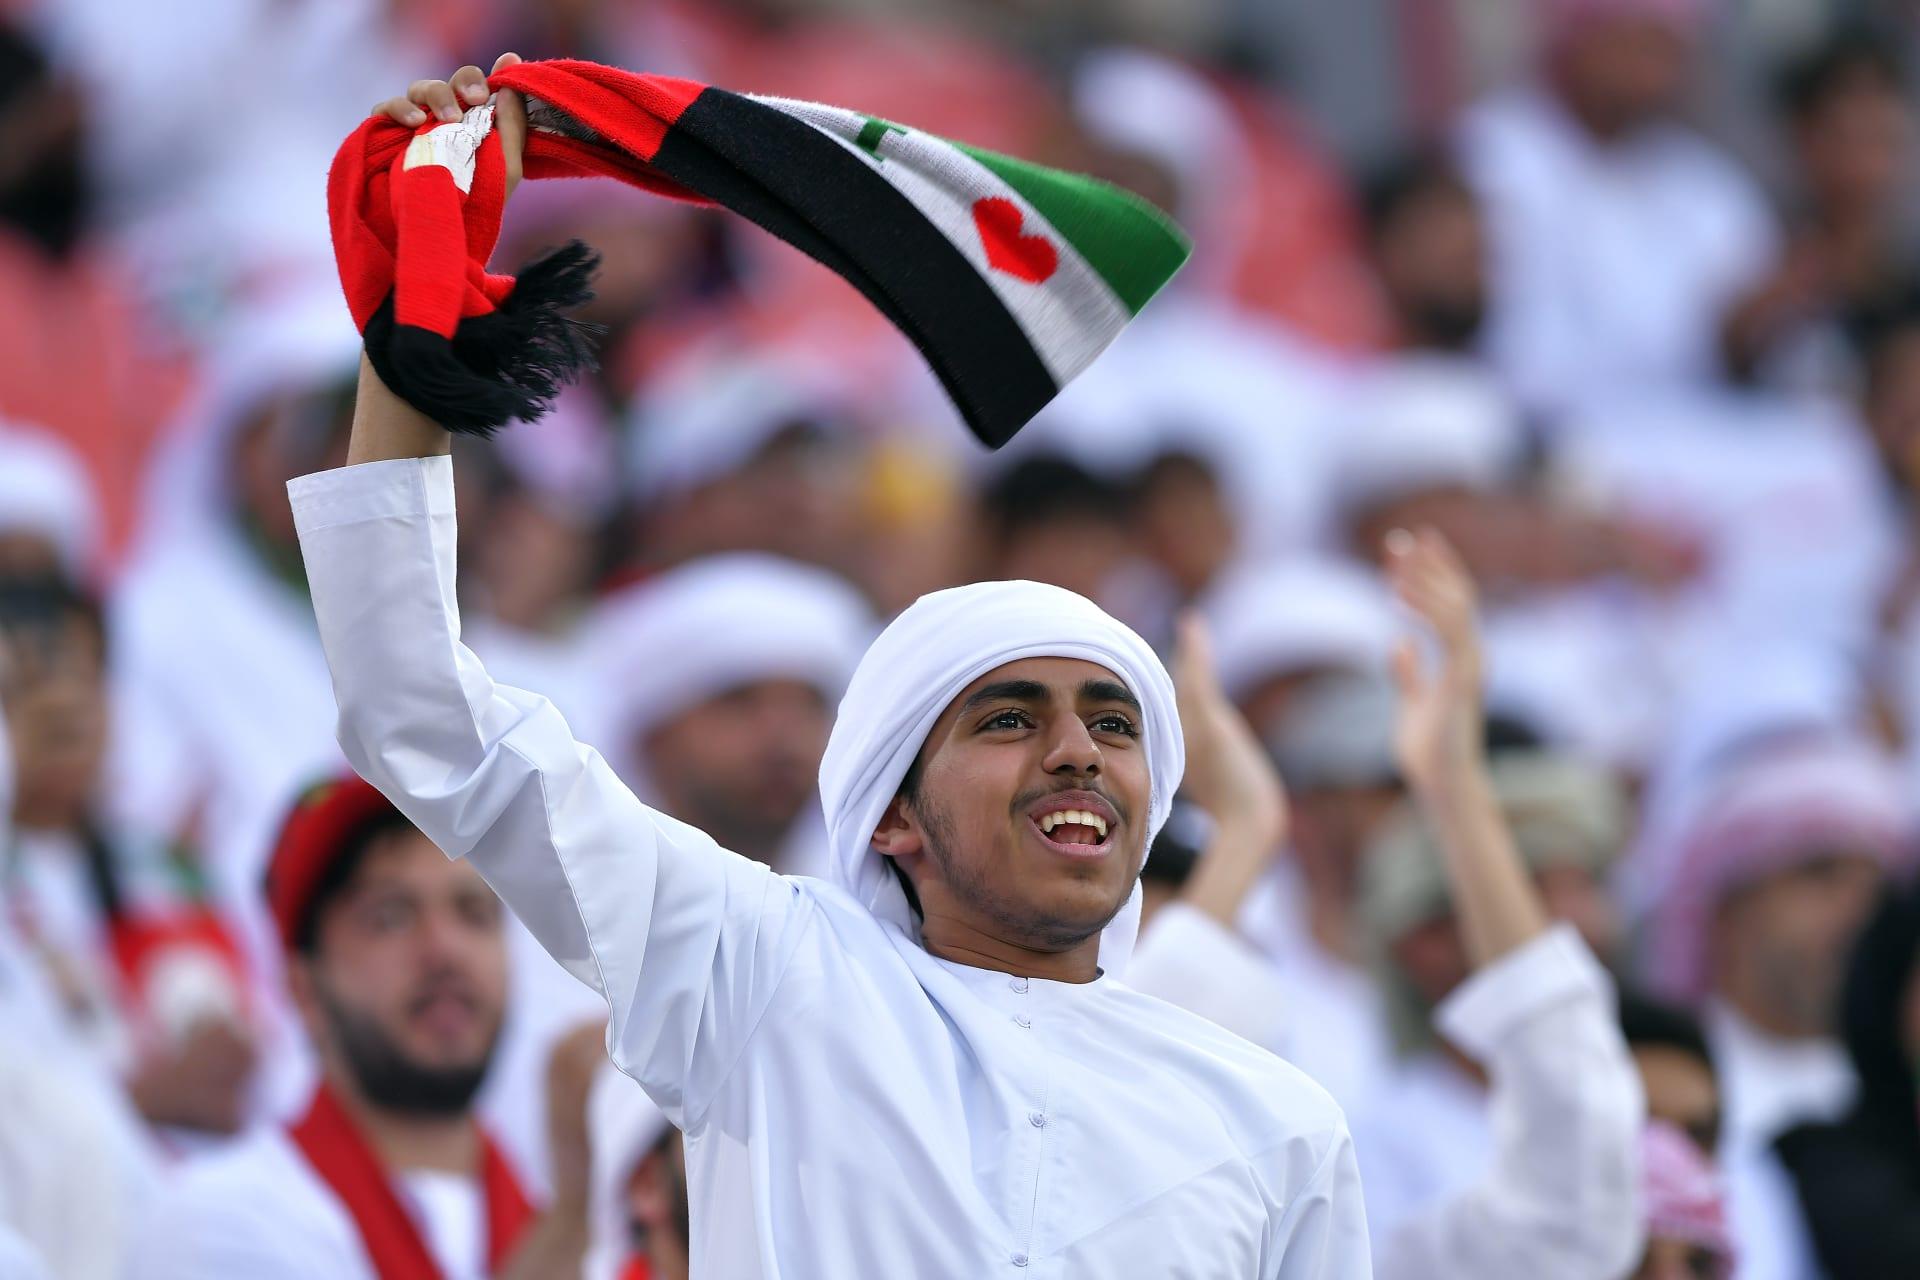 الإمارات تستأنف ضد قرار الاتحاد الآسيوي بفرض غرامة عليها بسبب مباراة قطر